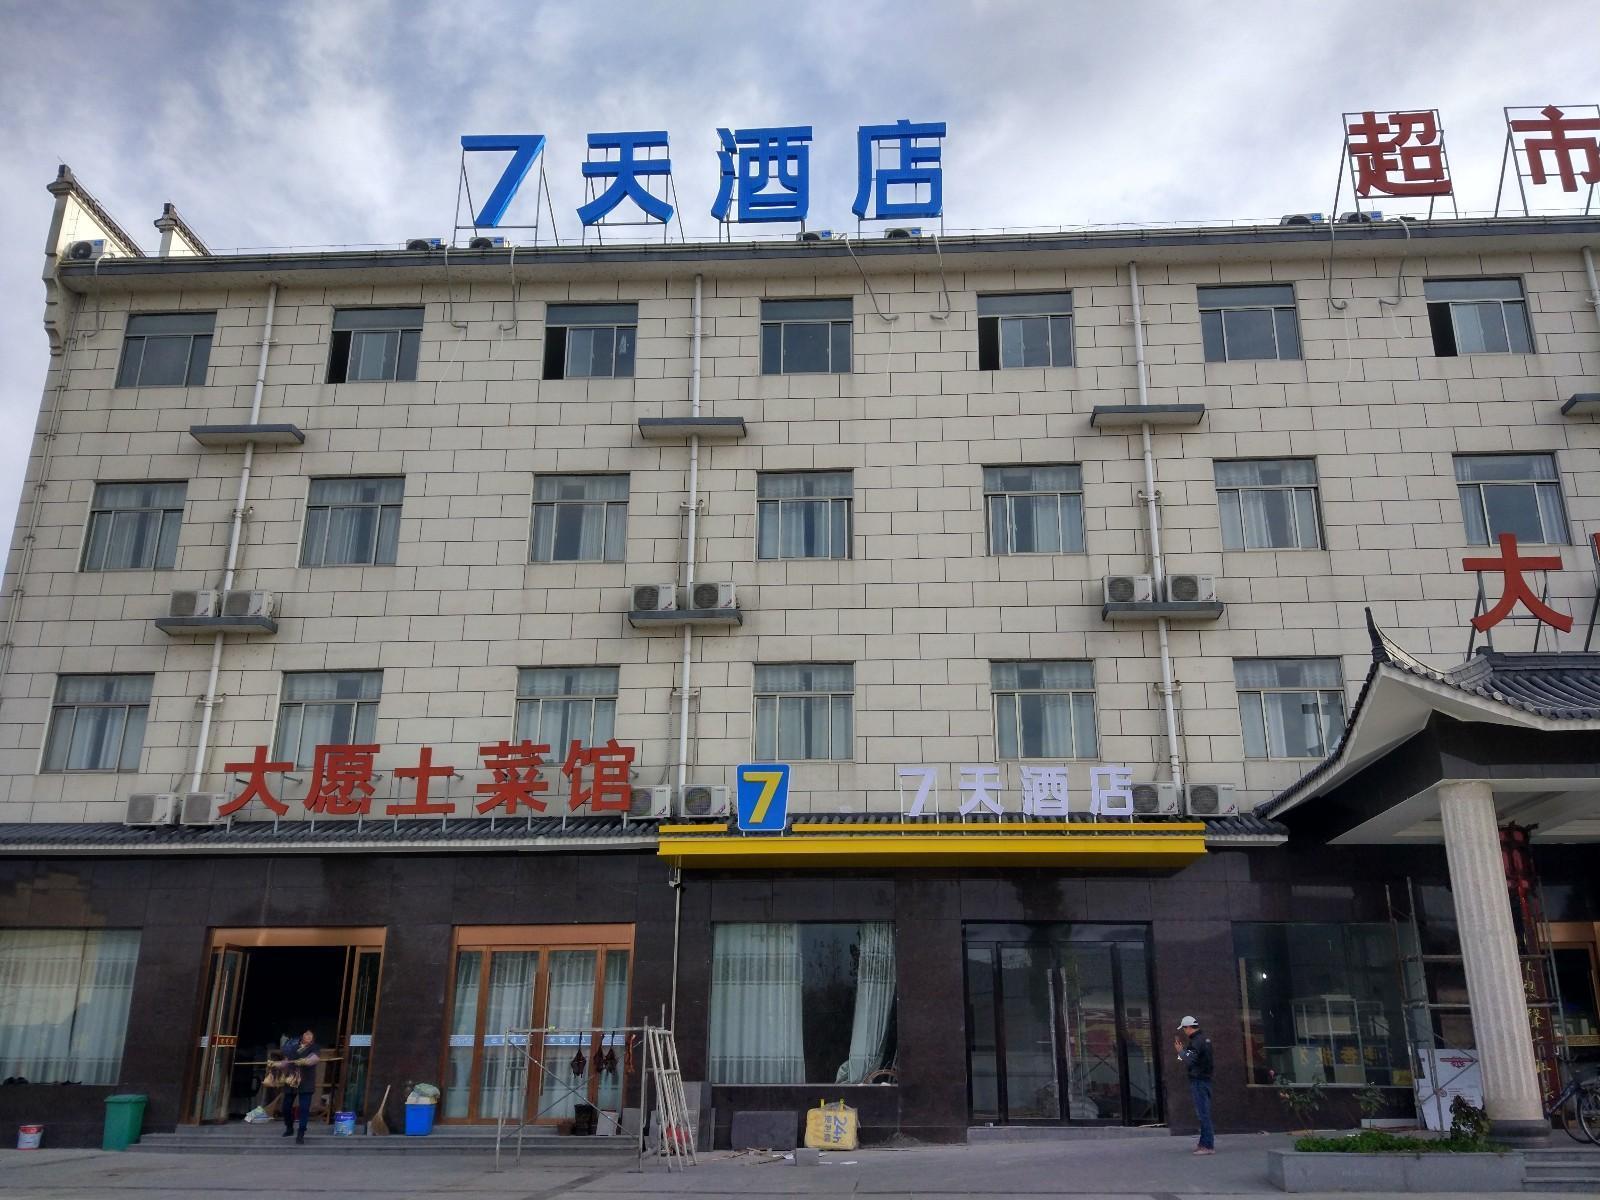 7 Days Inn�Chizhou Mount Jiuhua